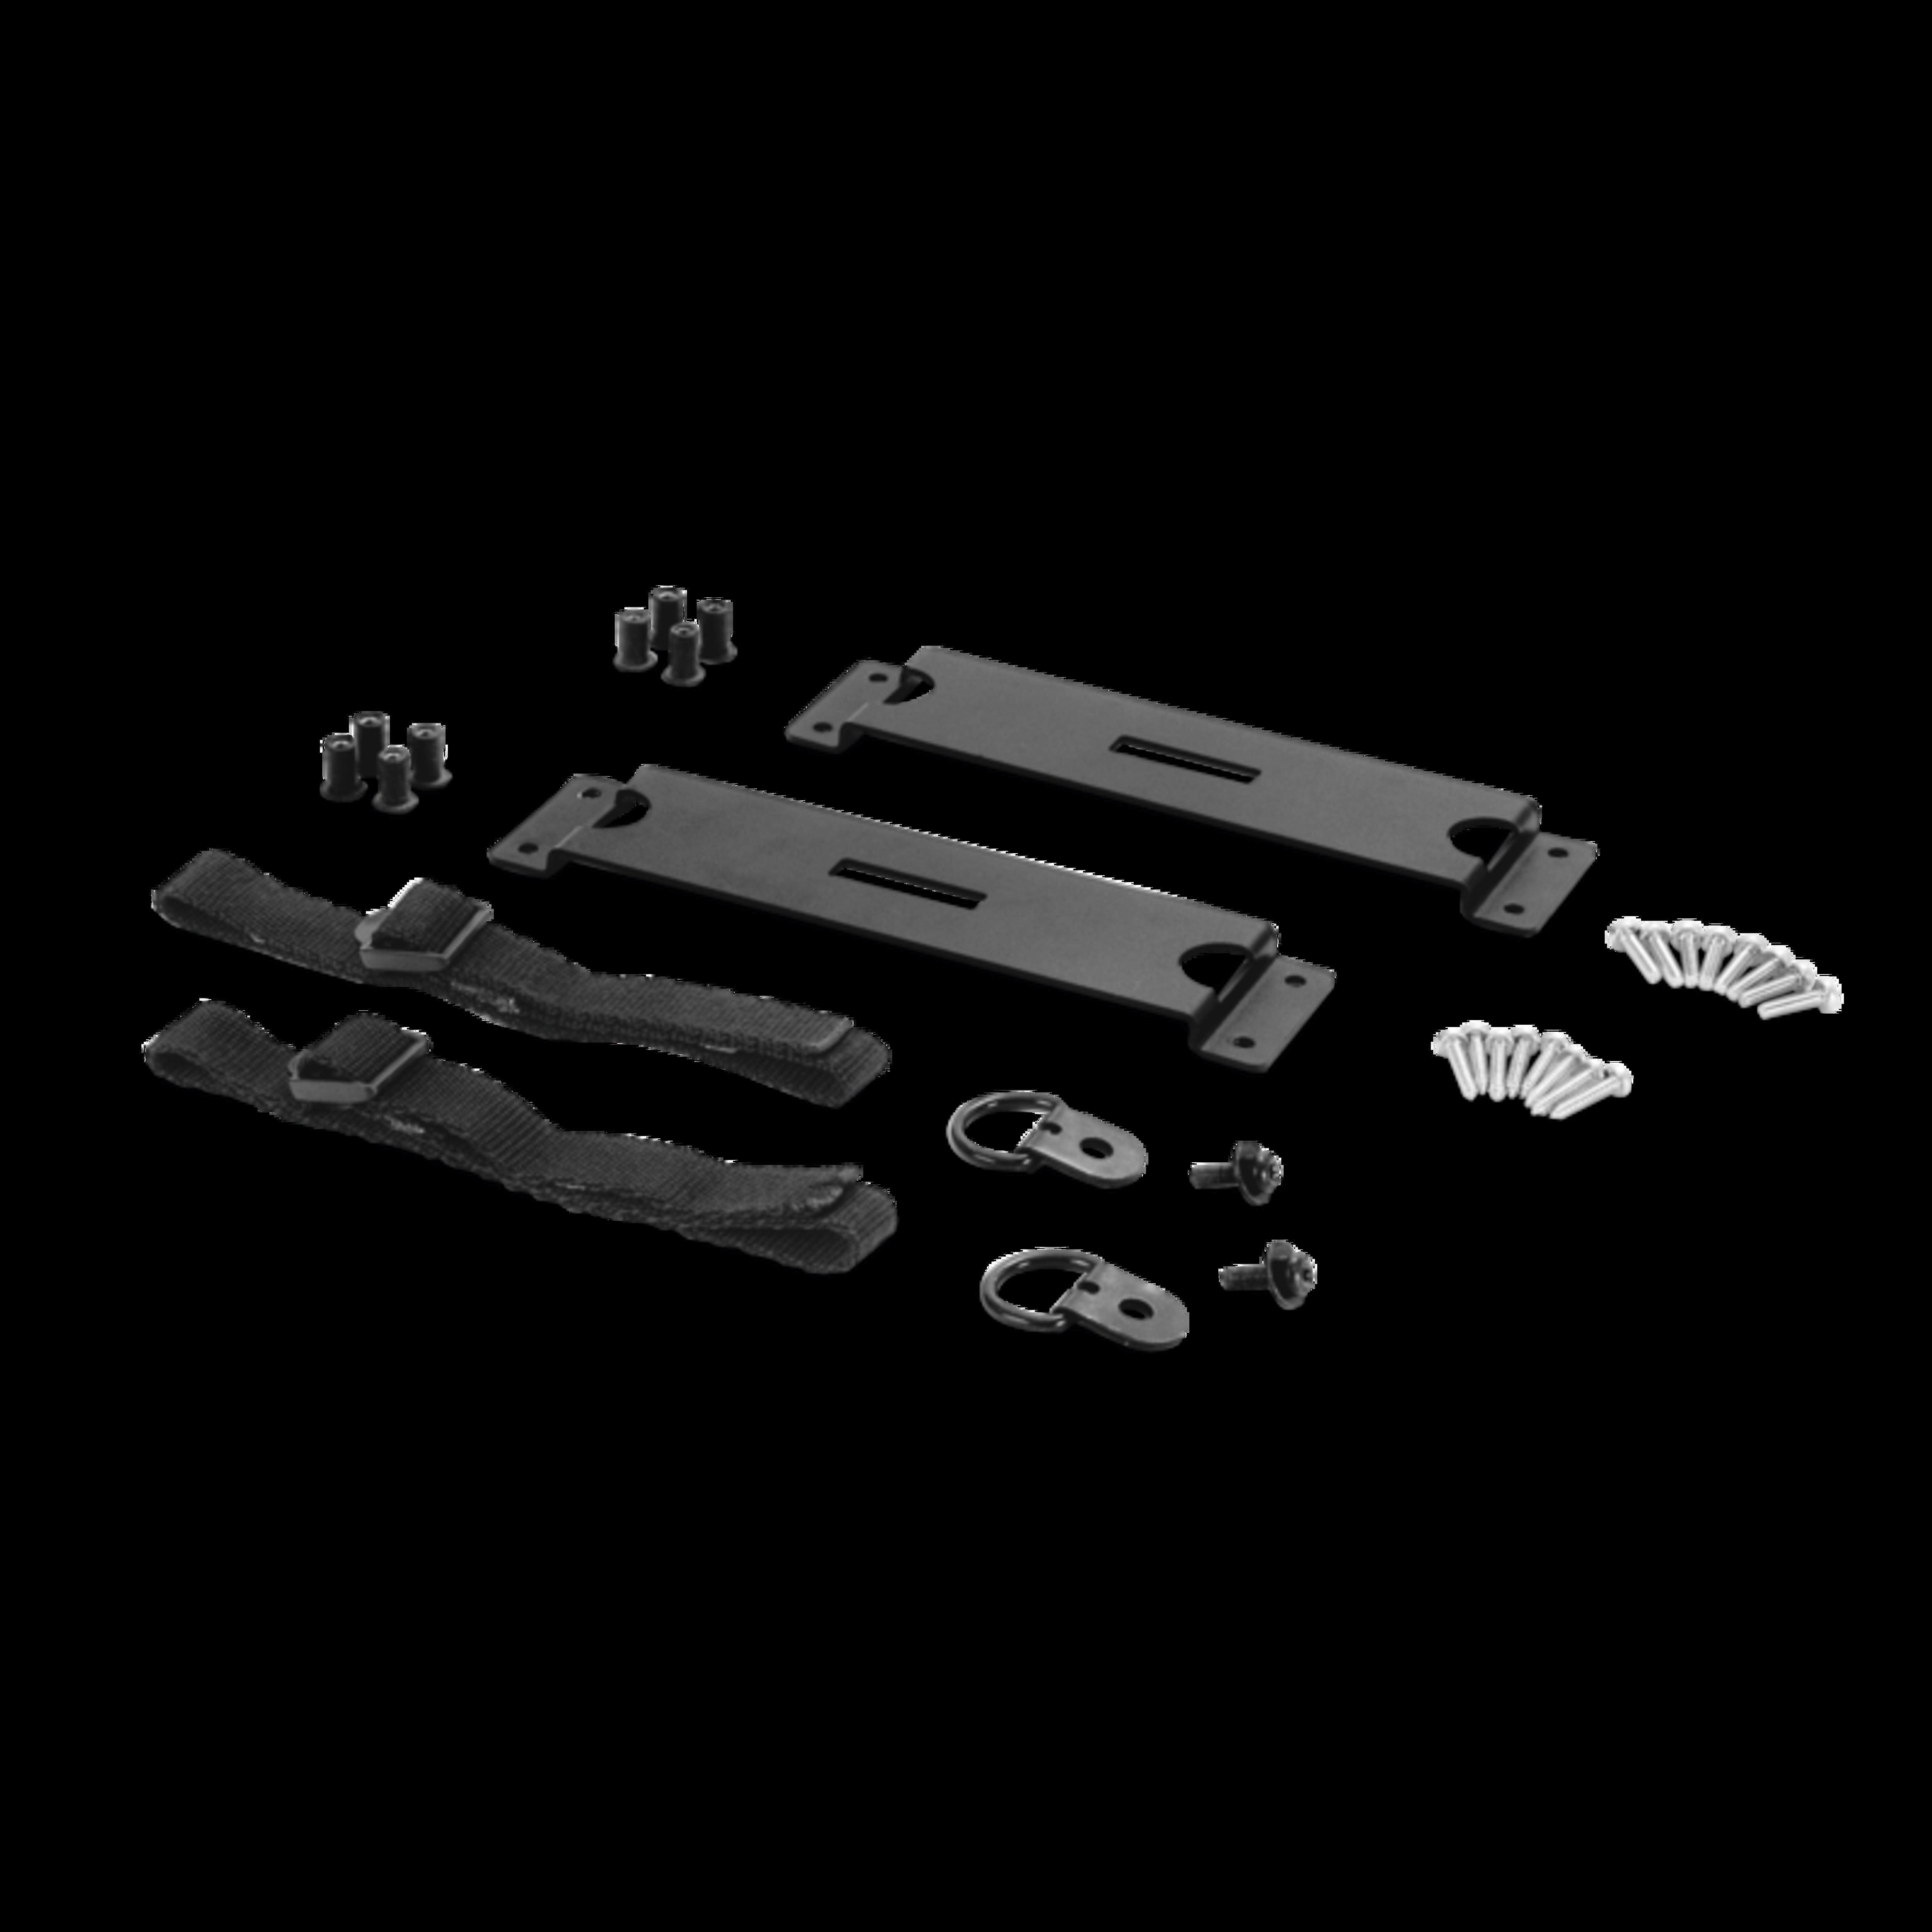 Universal fixing kit